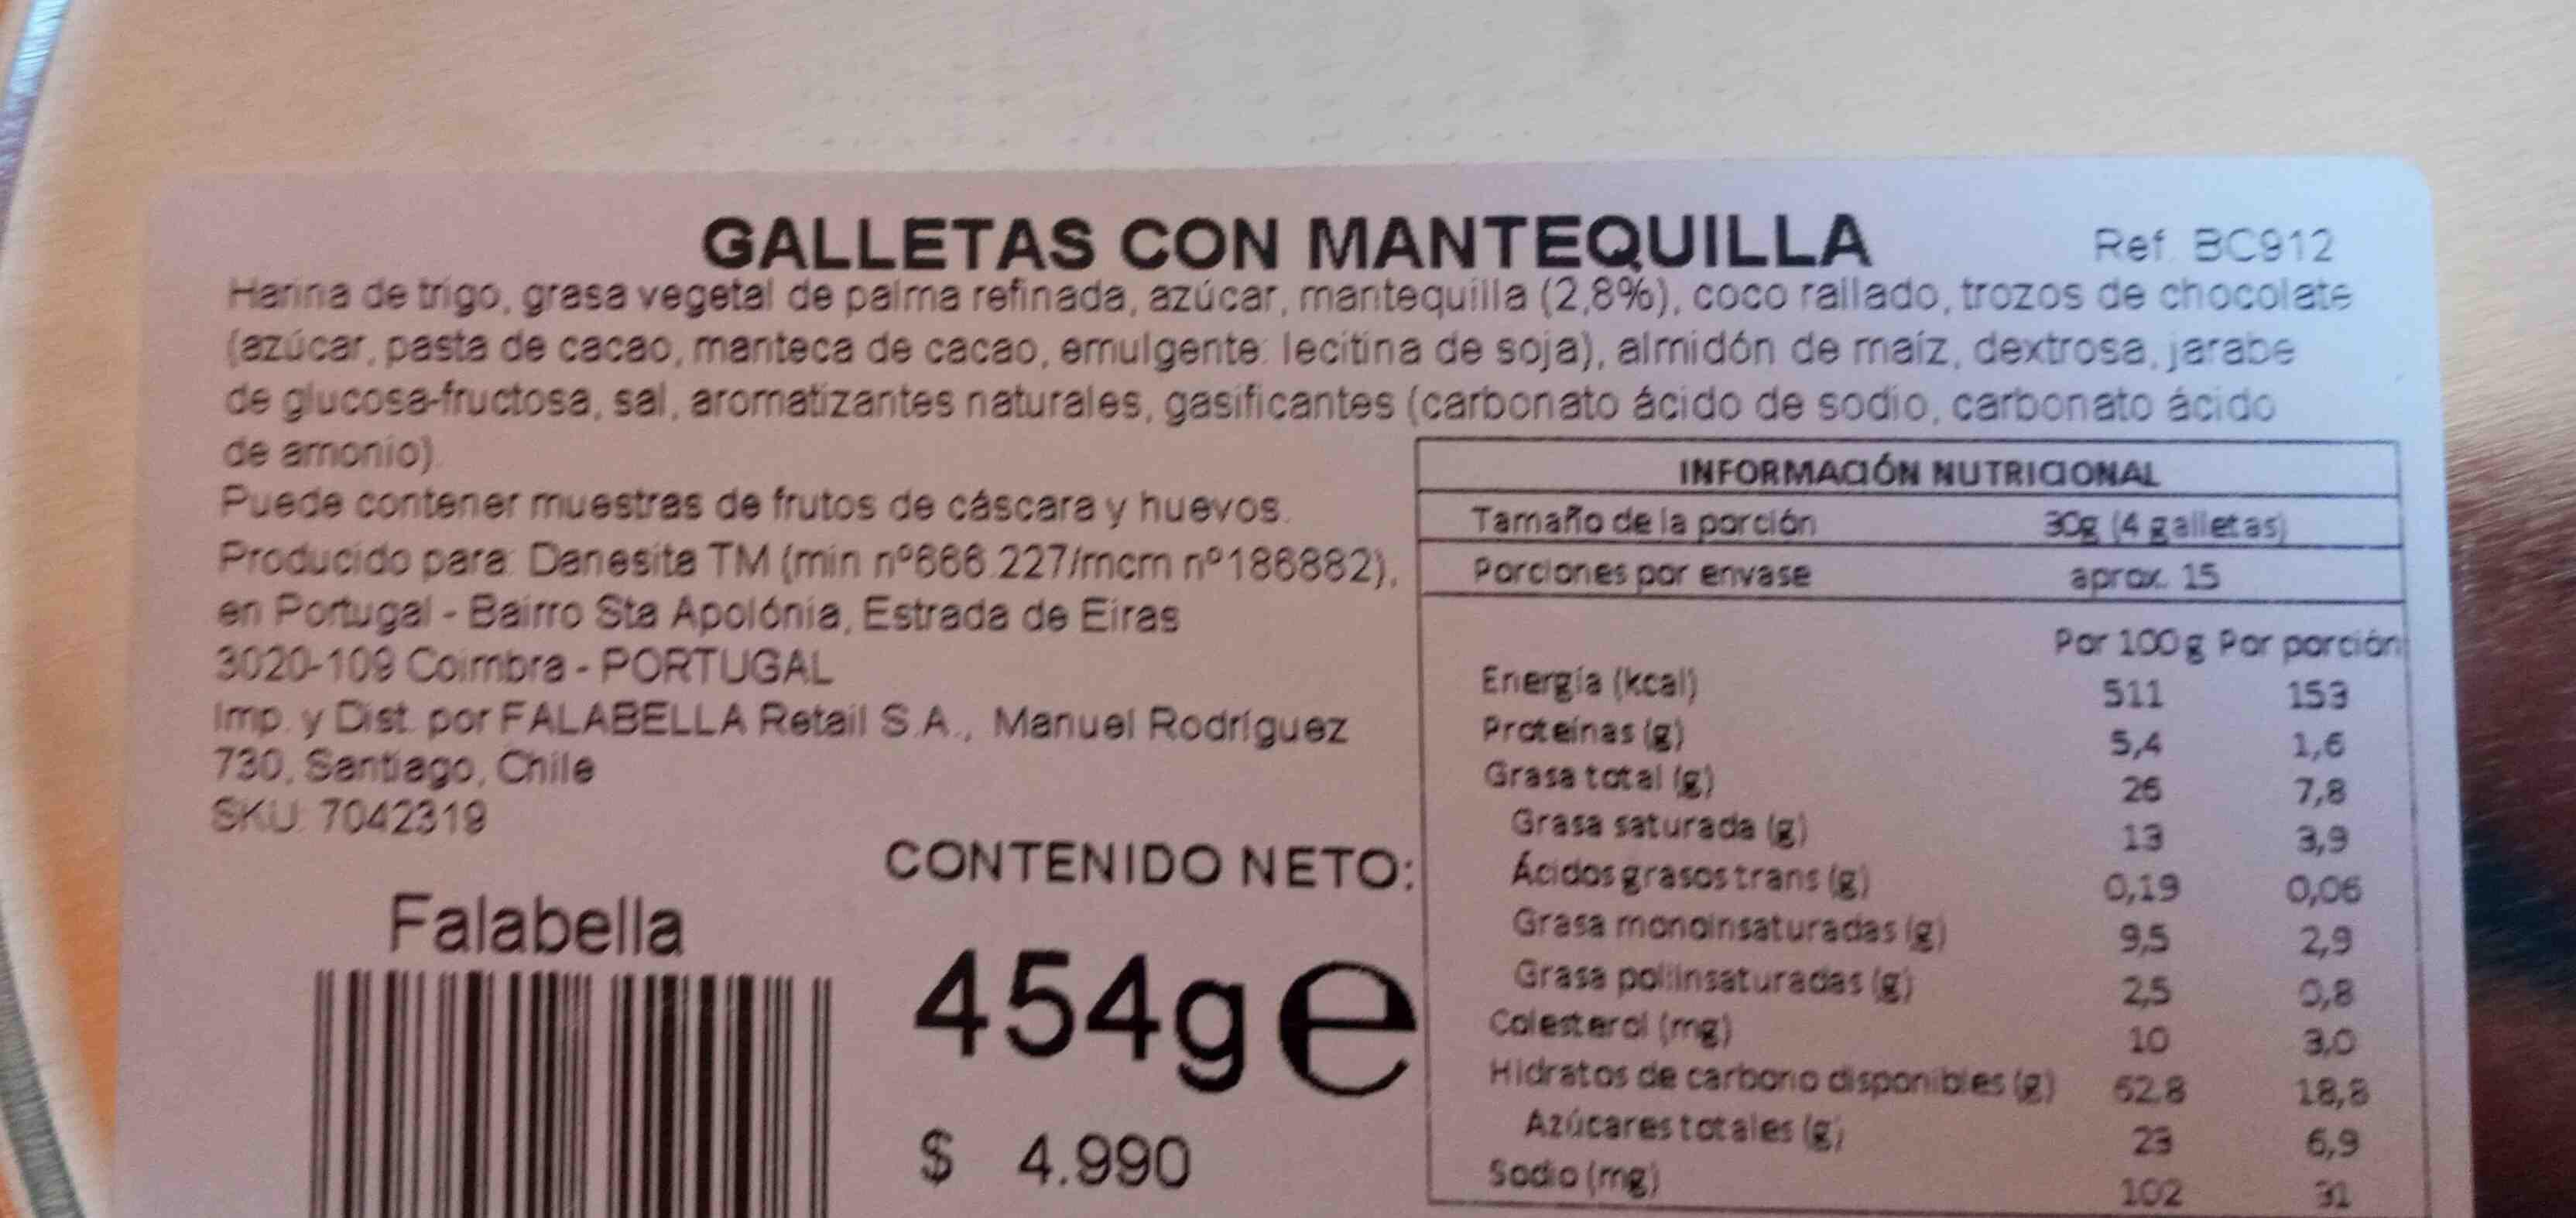 Galletas con mantequillas - Ingrediënten - en